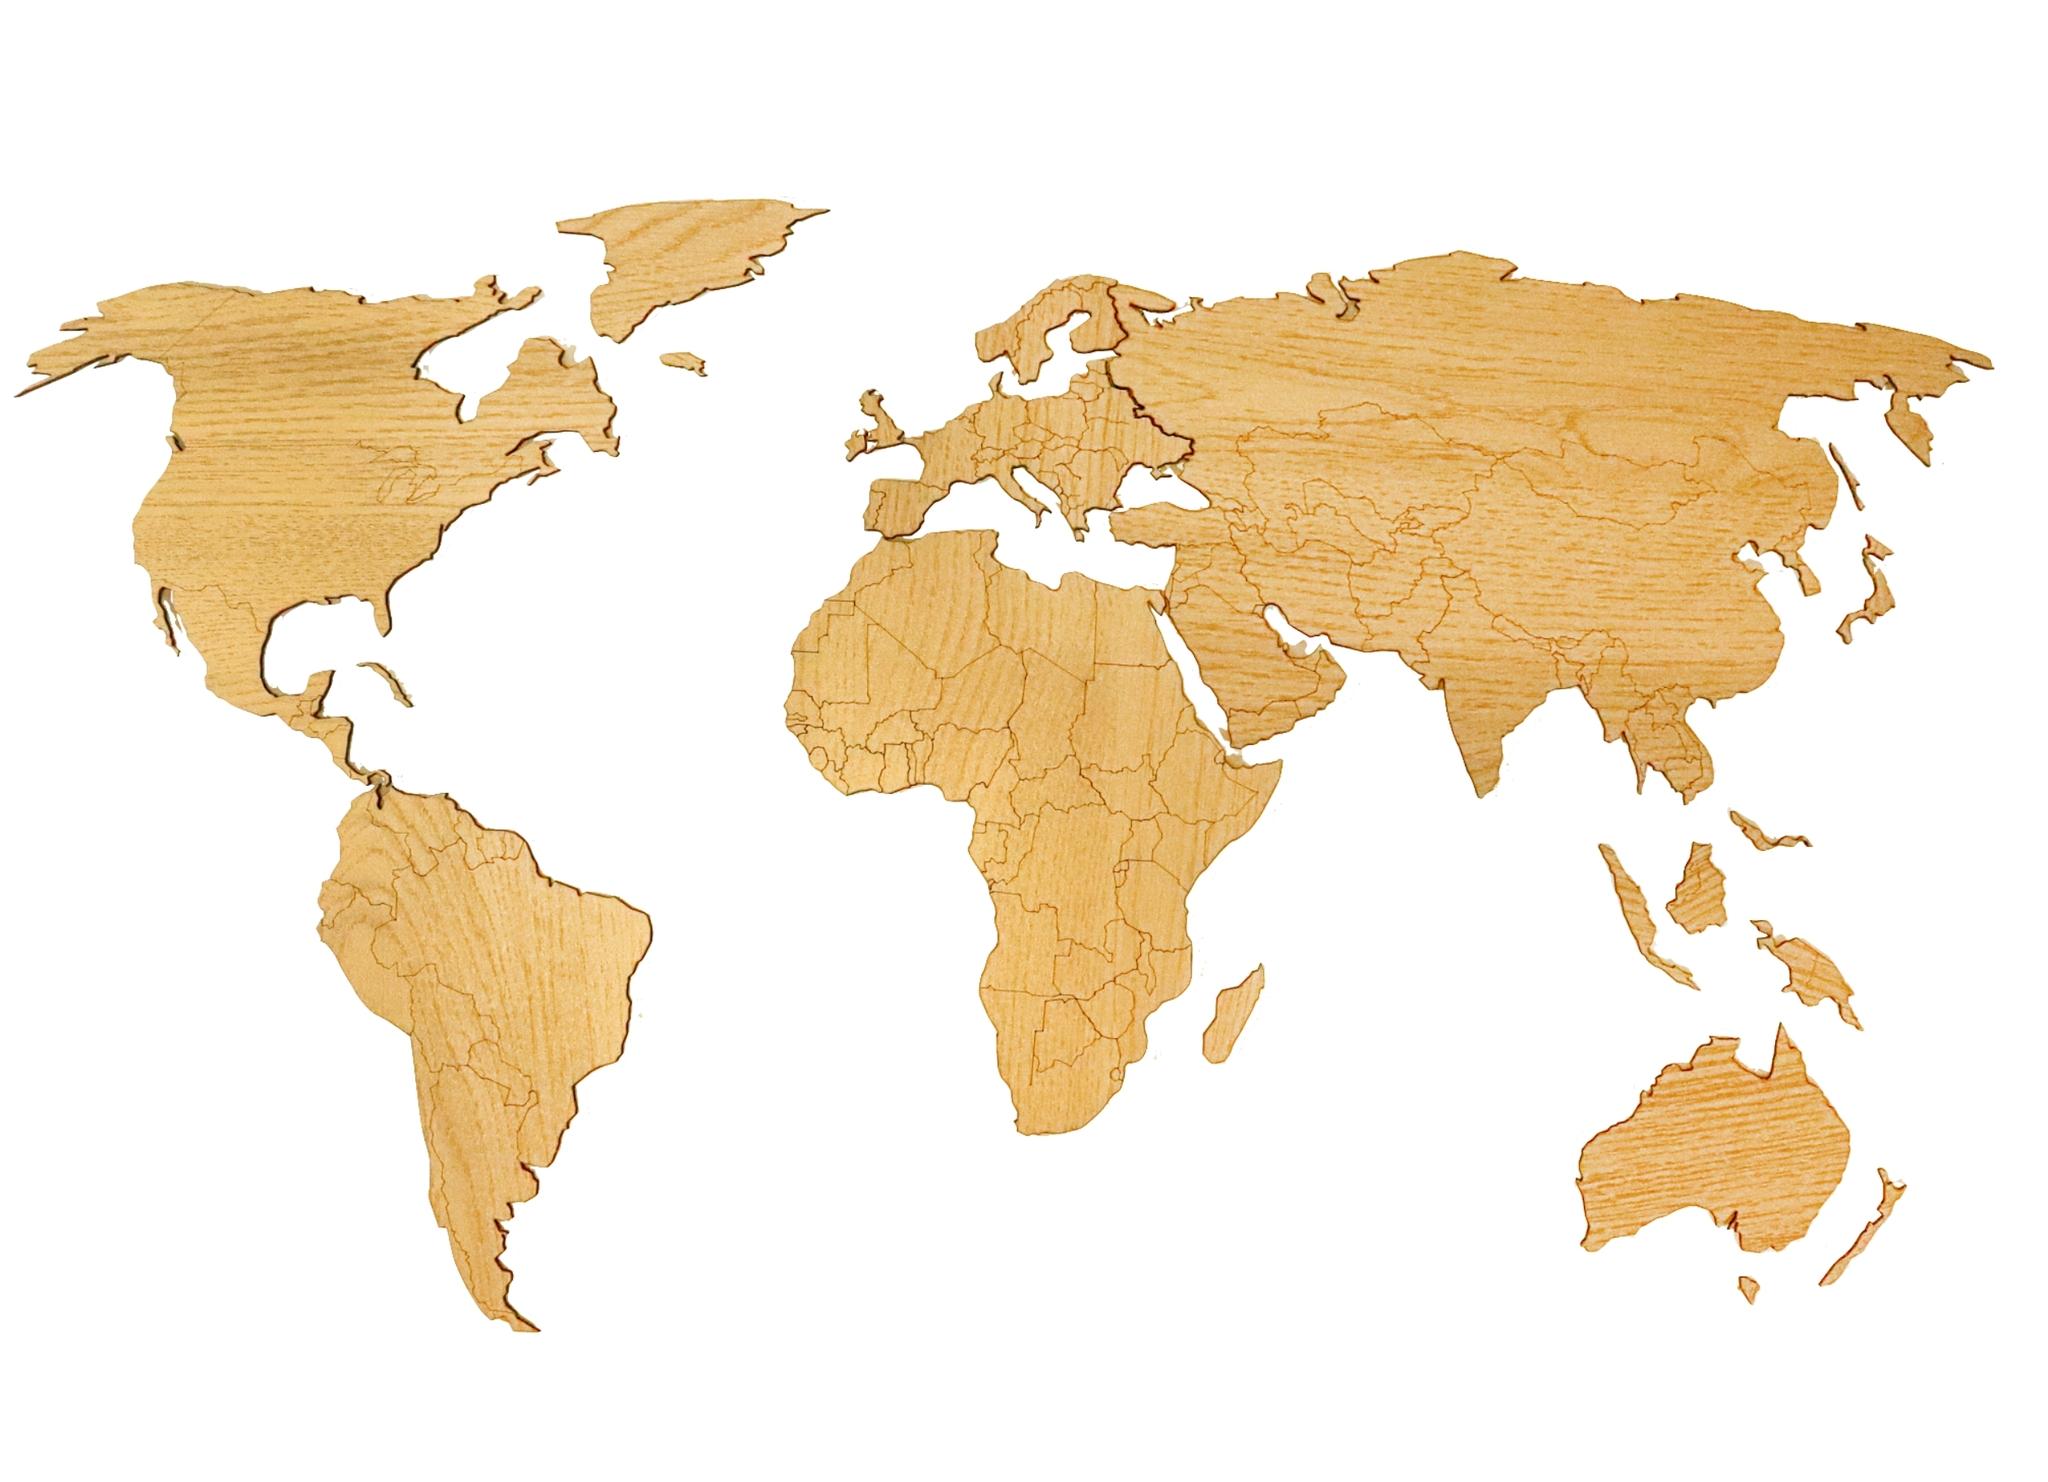 Деревянная карта мира AFI DESIGN 80х40